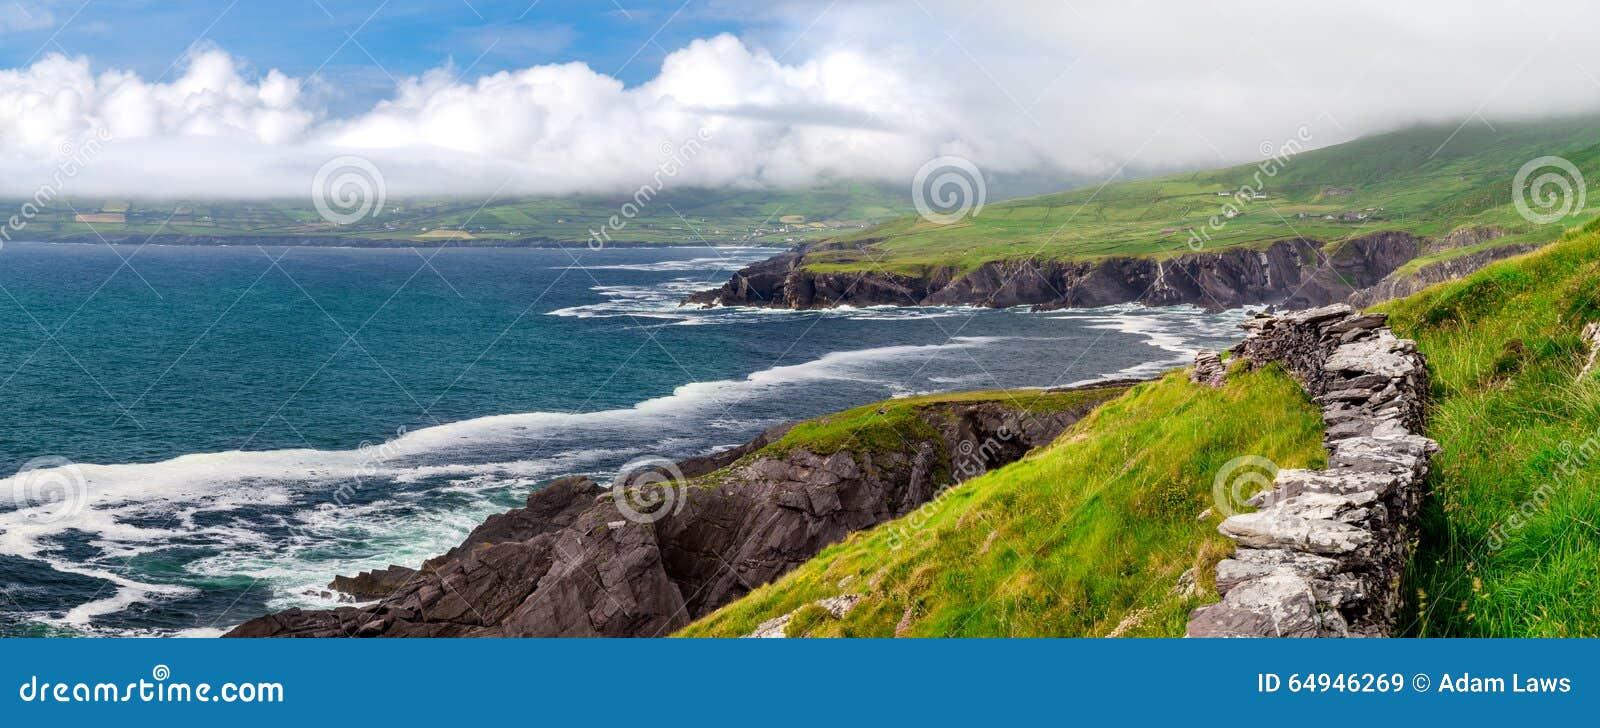 Acantilados costeros atlánticos de Irlanda en el anillo de Kerry, cerca de la manera atlántica salvaje